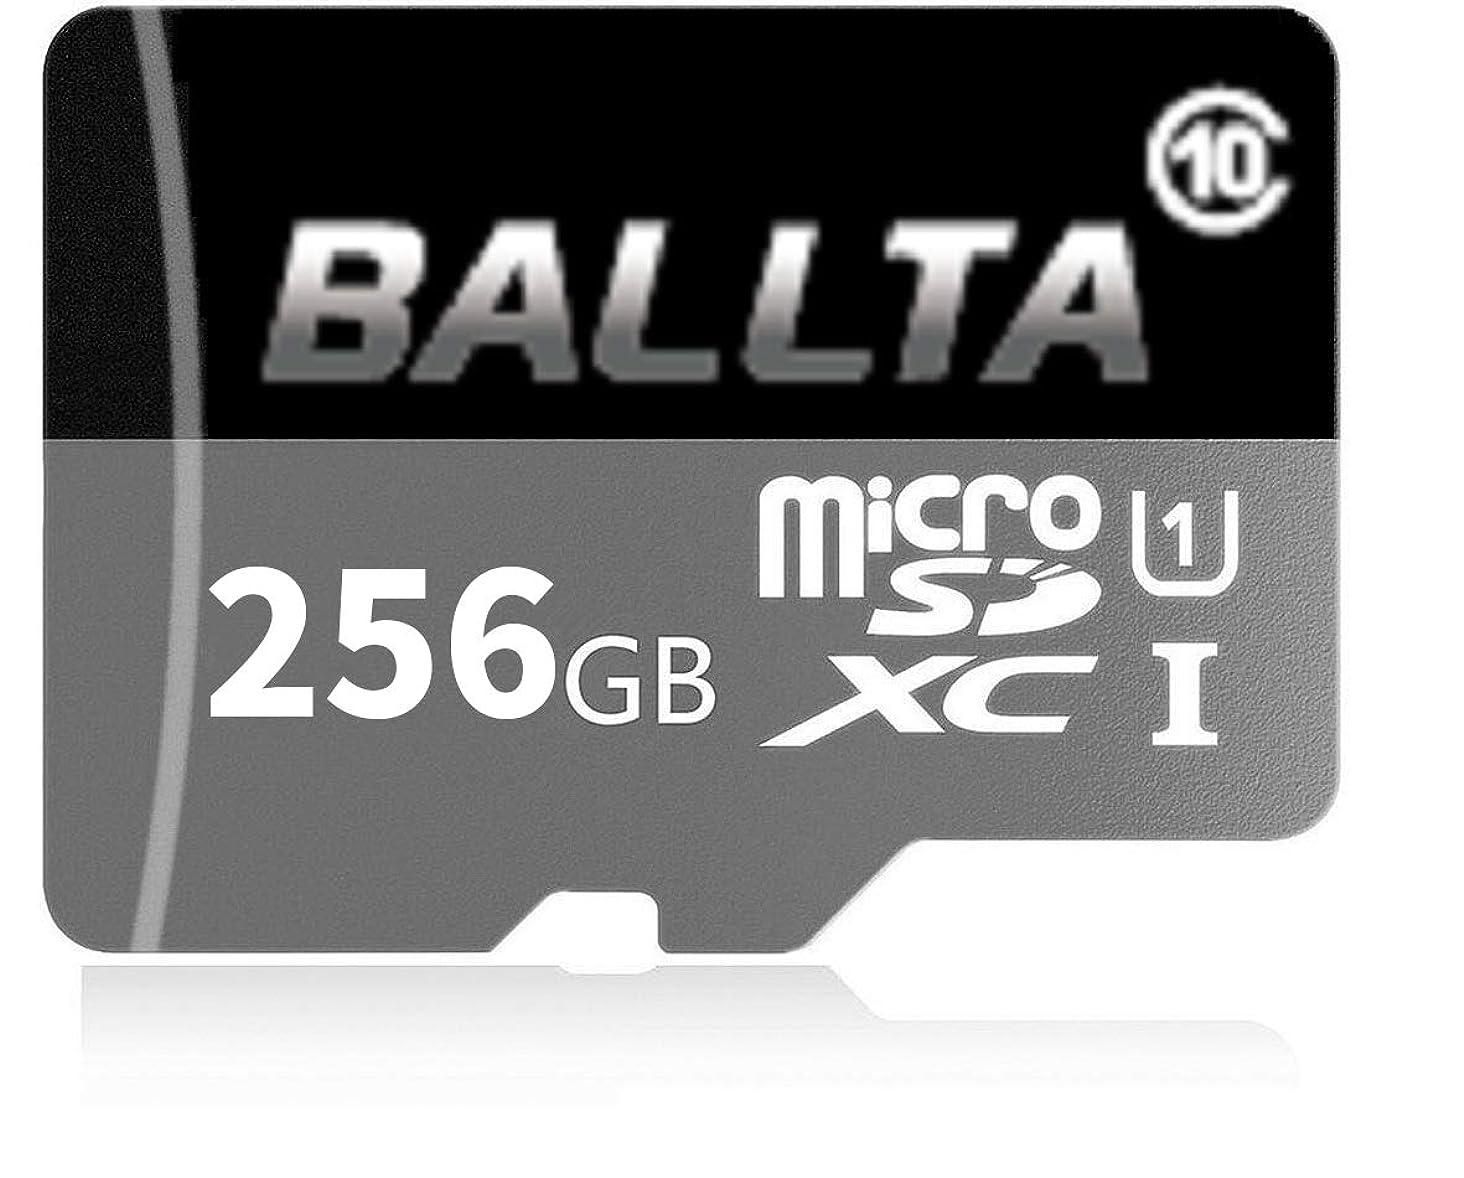 ハイランド緯度お風呂を持っているBallta 256 GBマイクロSD SDXCメモリカード高速クラス10 256 GB with Micro SDアダプタ、Designed for Androidスマートフォン、タブレット、および他の